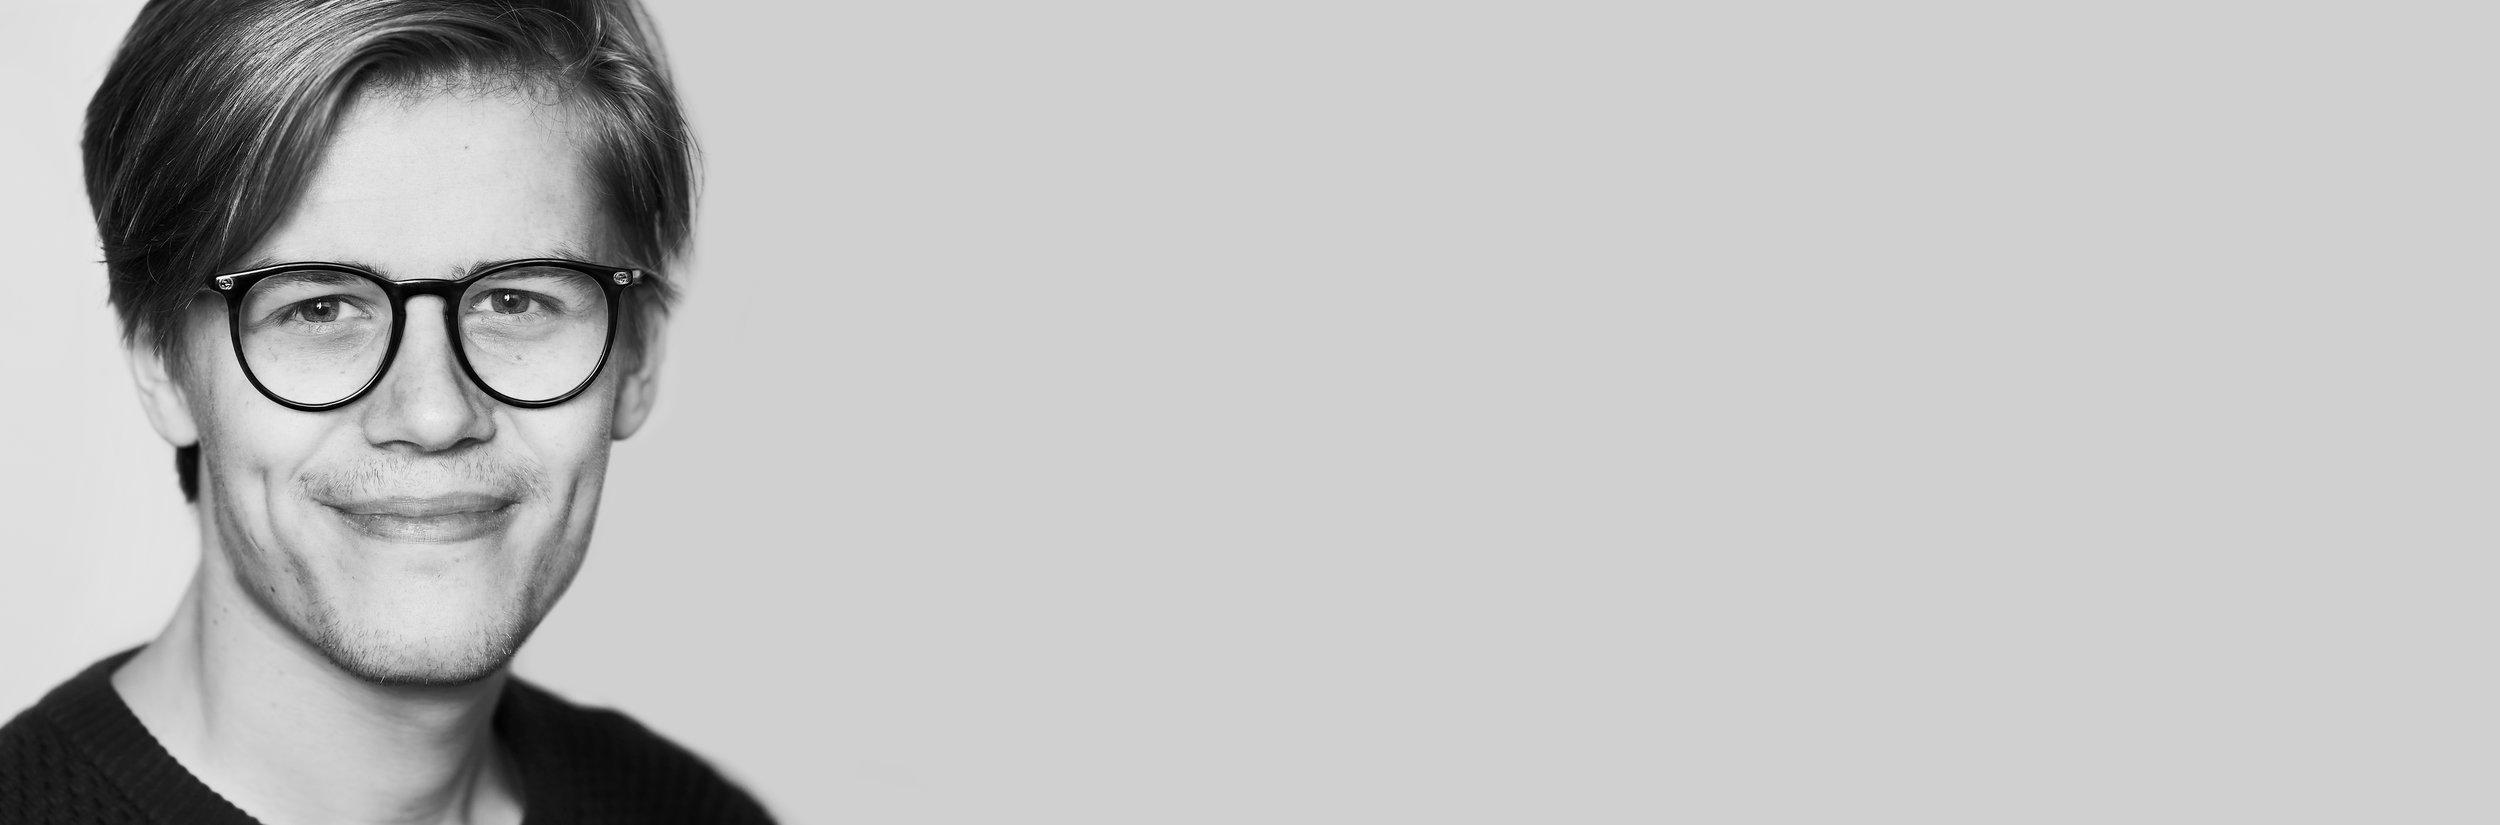 Rasmus - Rasmus er det nyeste skud på stammen.Han elsker at lære et nyt kamera at kende og kaster sig hurtigt over div projekter foto såvel som video. Udover fotografiet så har Rasmus spillet musik det meste af hans liv og elsker at opdage nye kunstnere. Spiller du en sang fra dette årtusinde, så er der nok en god chance for at Rasmus kender den.